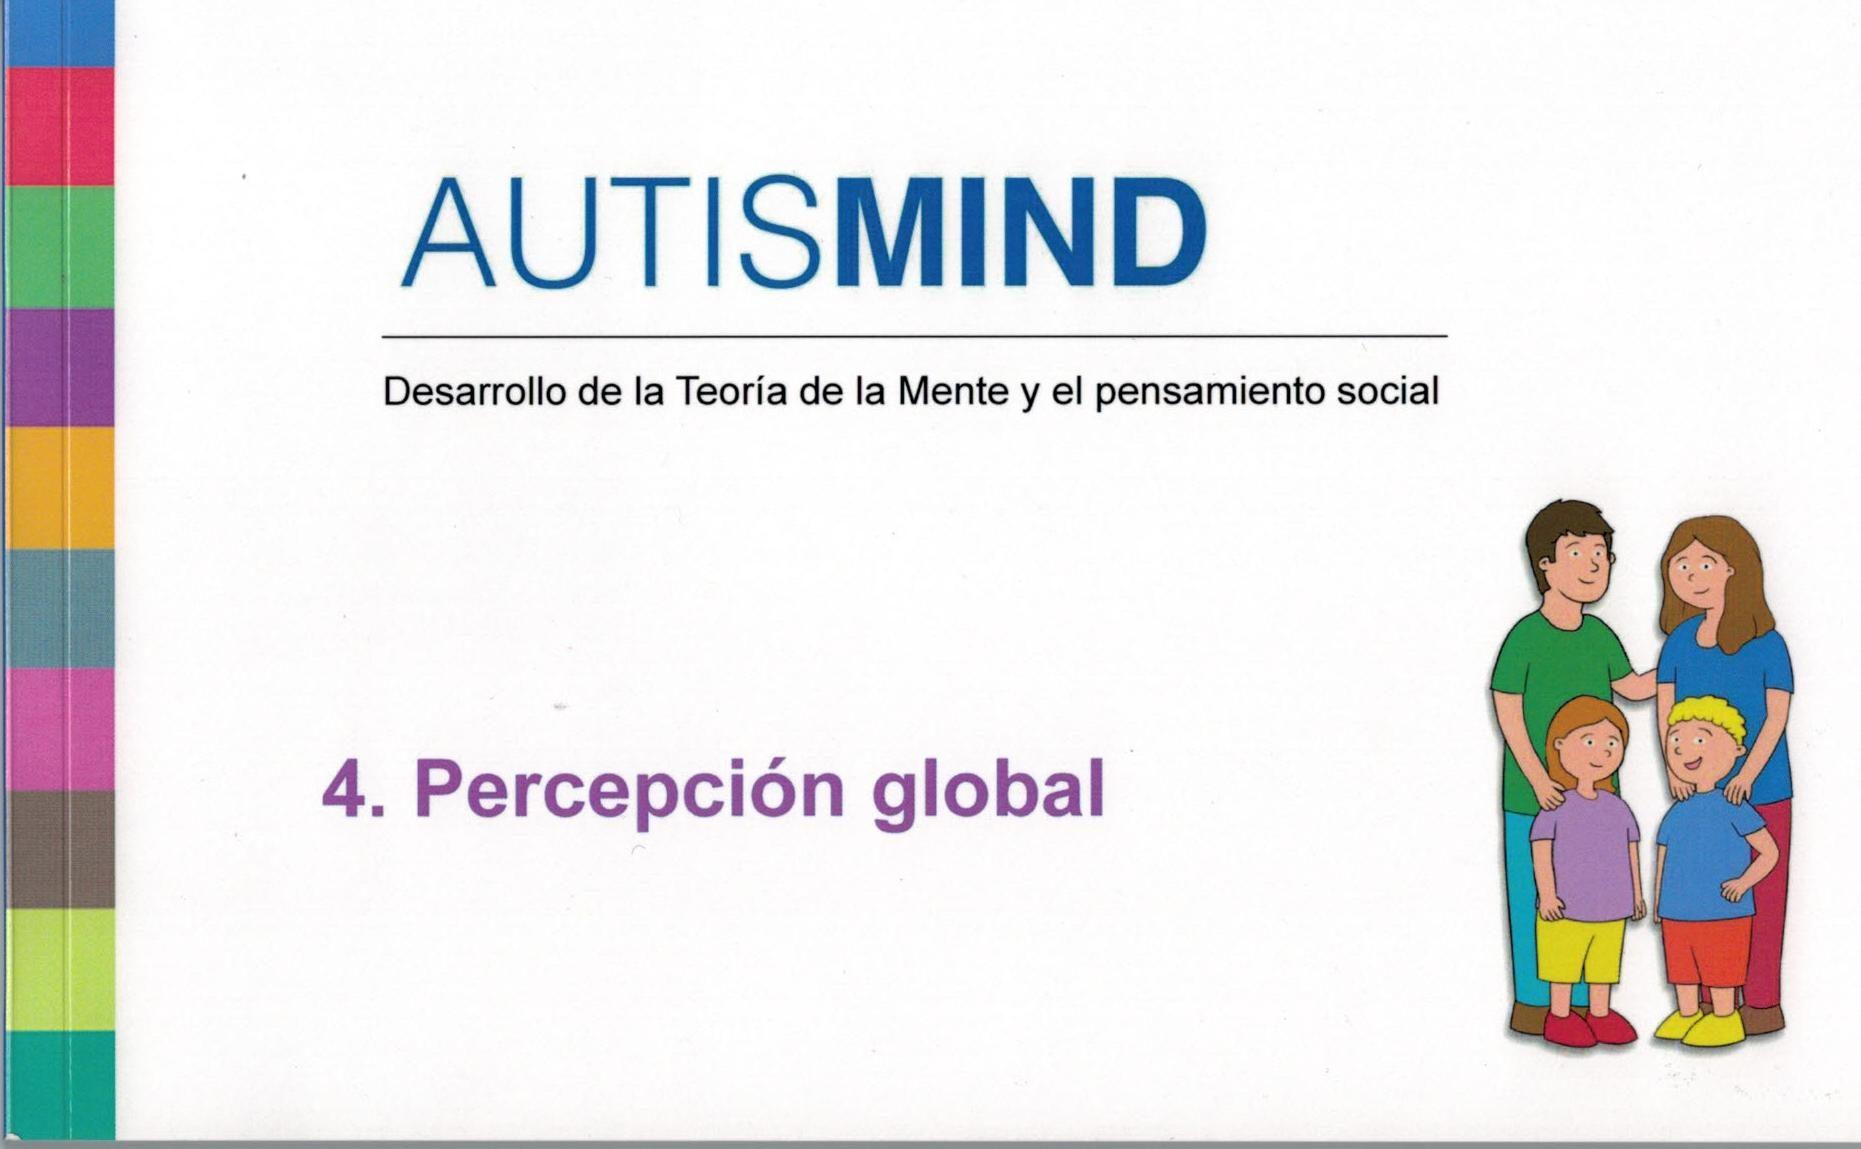 Autismind 4: Percepcion Global: Desarrollo De La Teoria De La Mente Y El Pensamiento Social por Carlos Garcia Junco